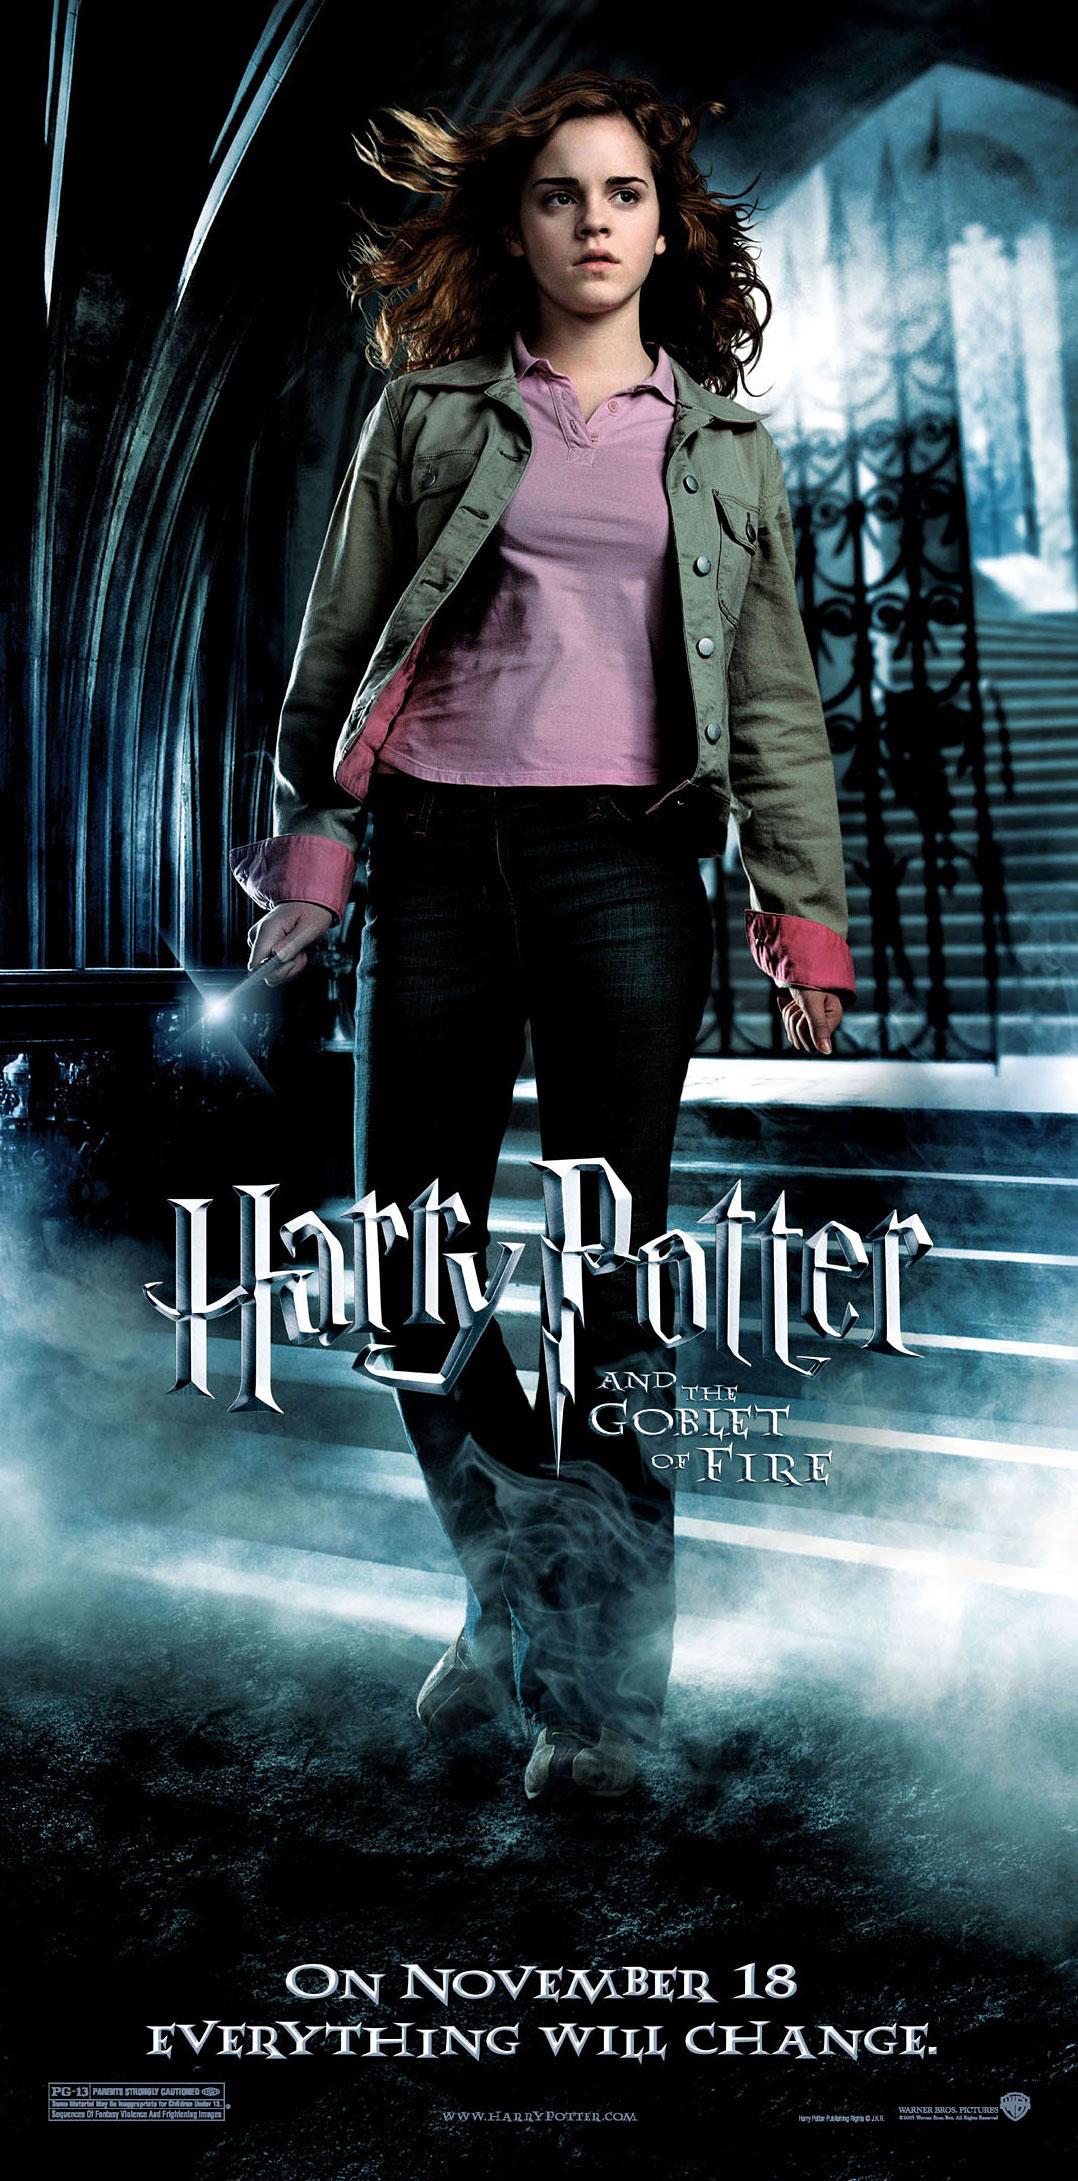 Скачать Гарри Поттер и кубок огня через торрент в хорошем